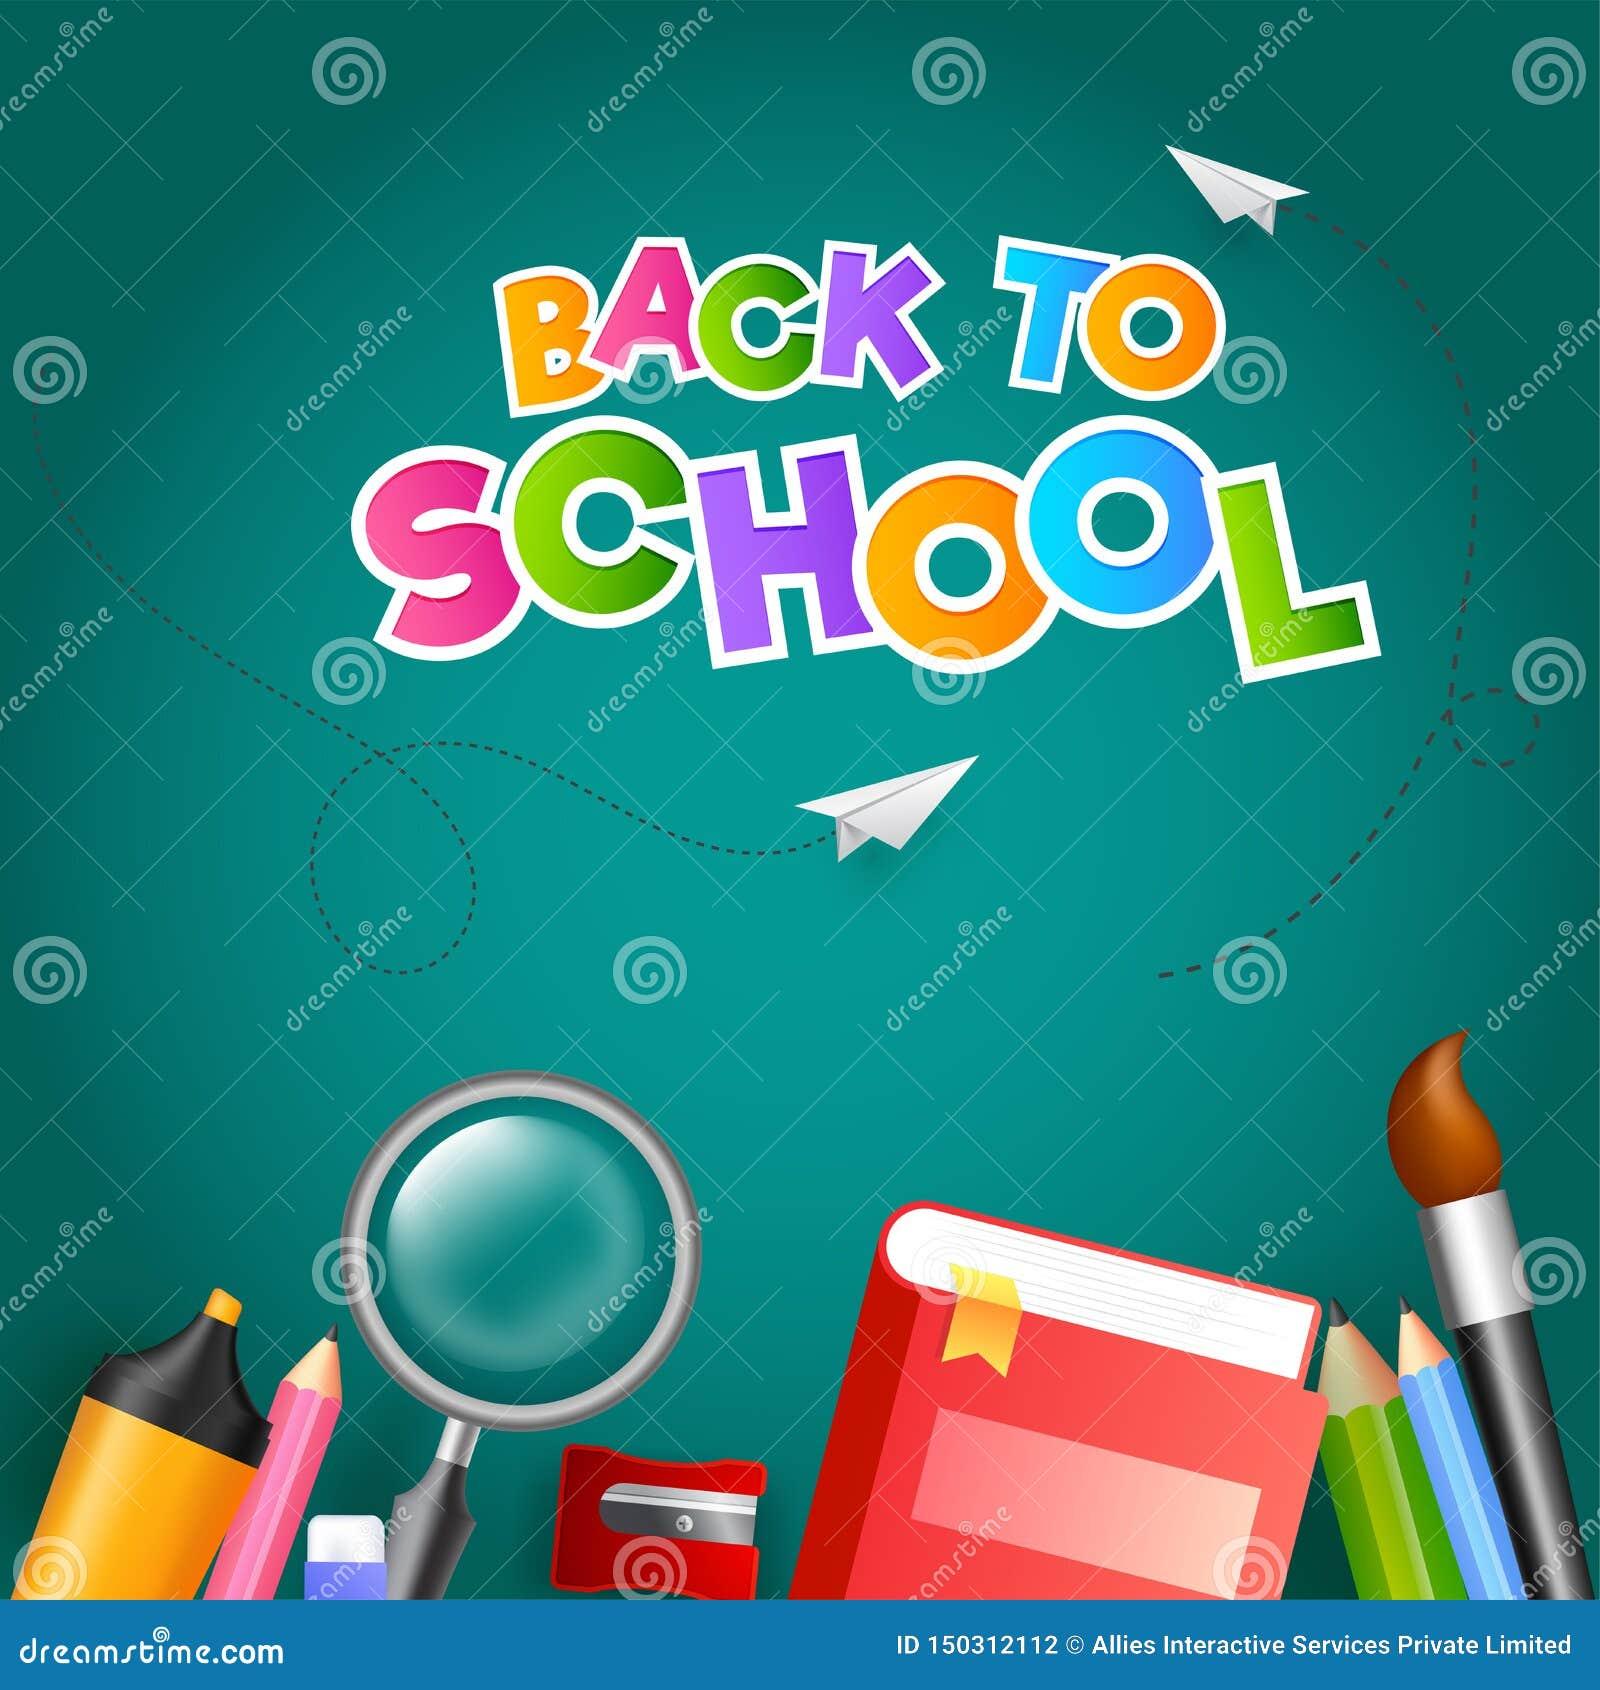 Kolorowy tekst Z powrotem szkoła z papieru samolotem i edukacji dostaw element tak jak książka, powiększa - szkło, barwił ołówek